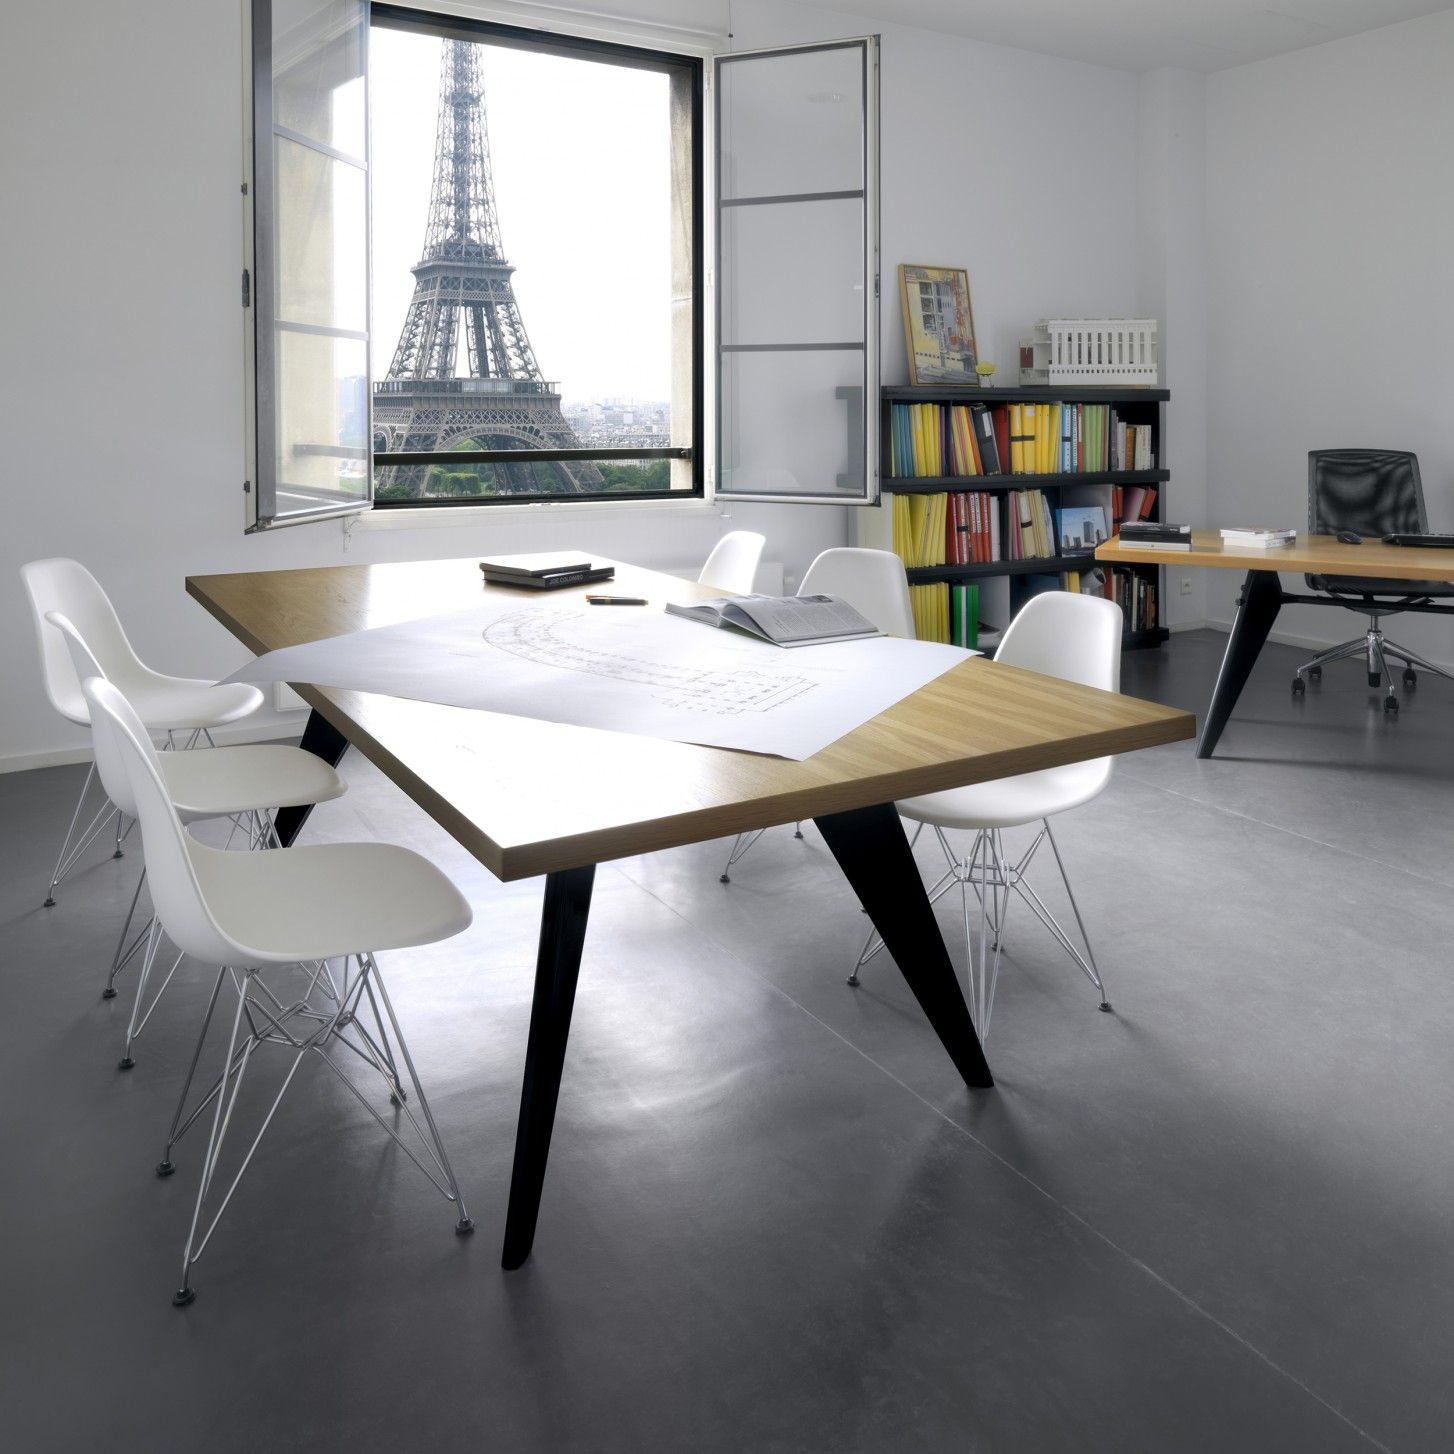 Original Charles Eames Plastic Side Chair Stuhl DSR   Ordern Sie Ihre Vitra  Stühle U0026 Tische Für Ihren Essplatz In Küche Bzw. Wohnzimmer Im Ikarusu2026design  ...